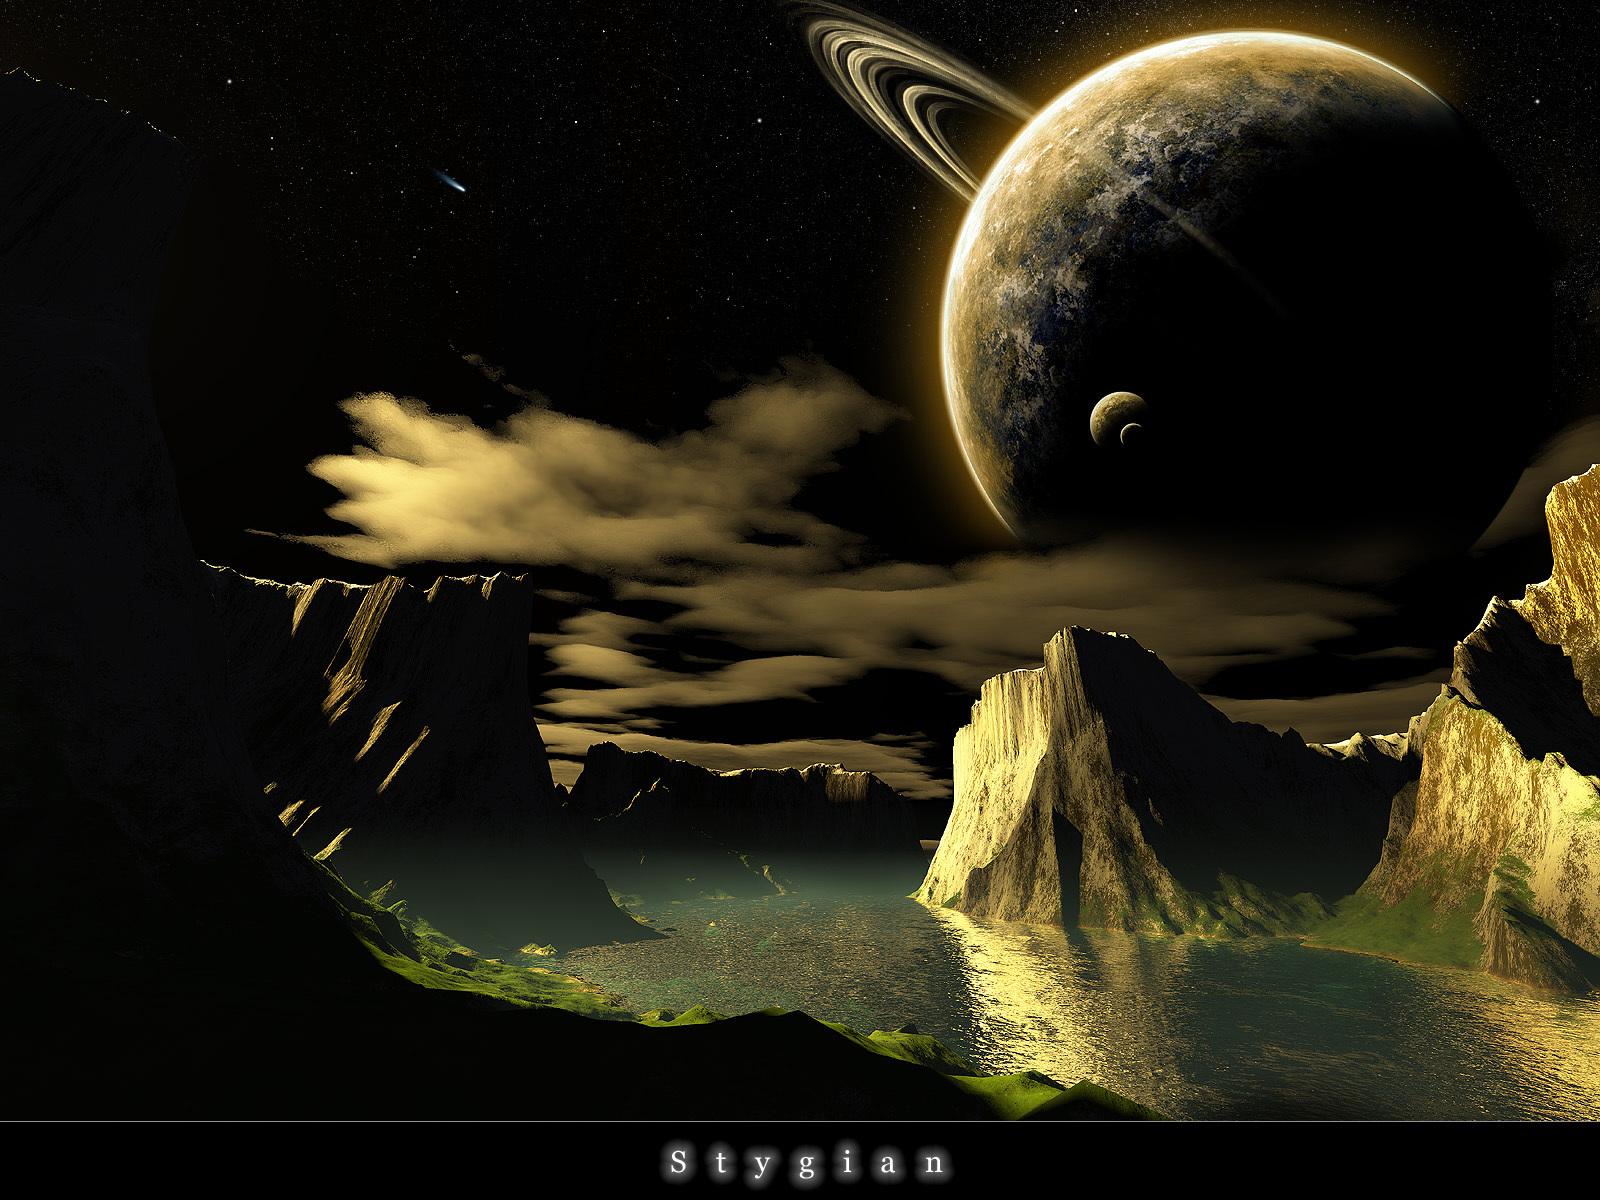 art wallpapers desktop - photo #24